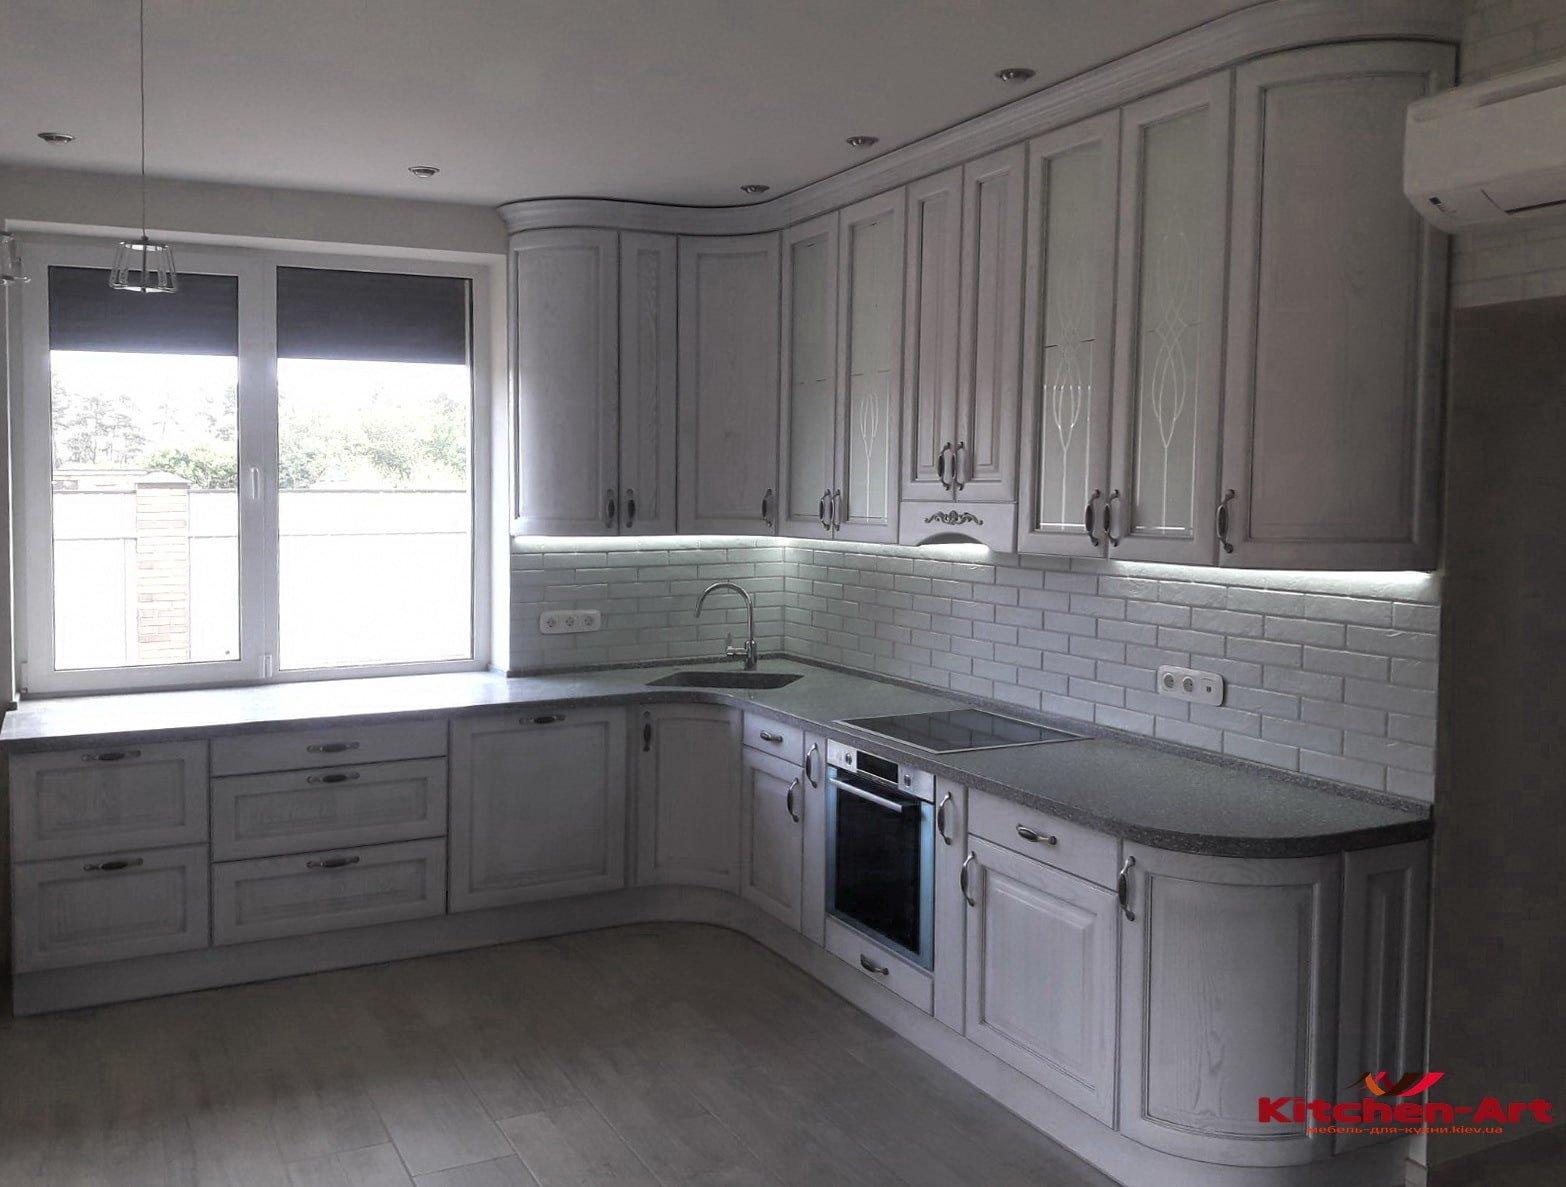 большая кухня классическая угловая для дома на заказ